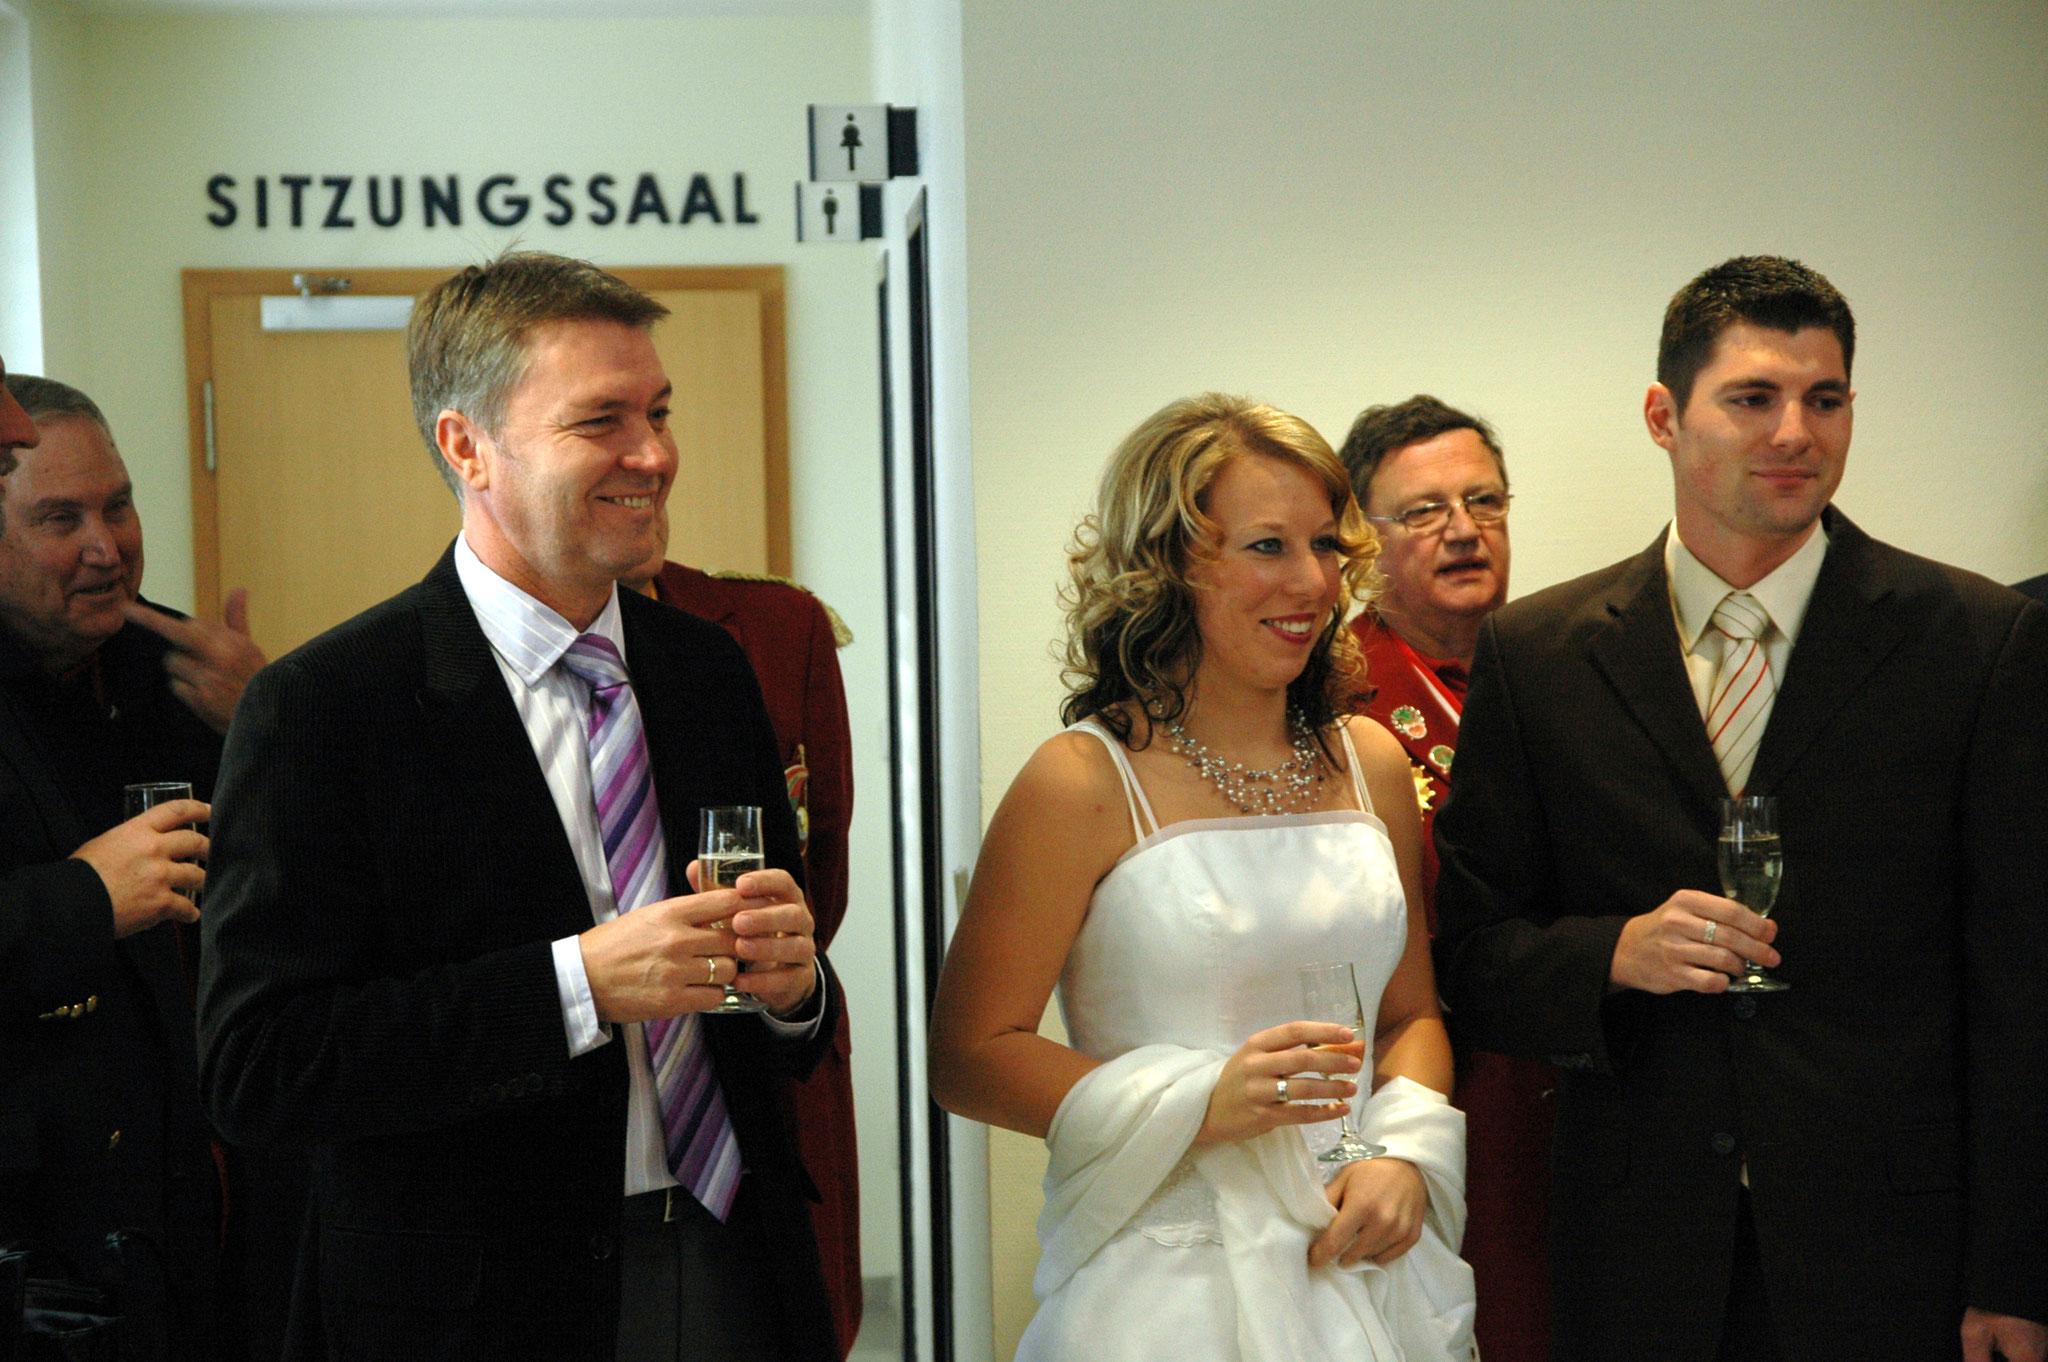 Exzellenz Bürgermeister Rudolf von Geißler freut sich